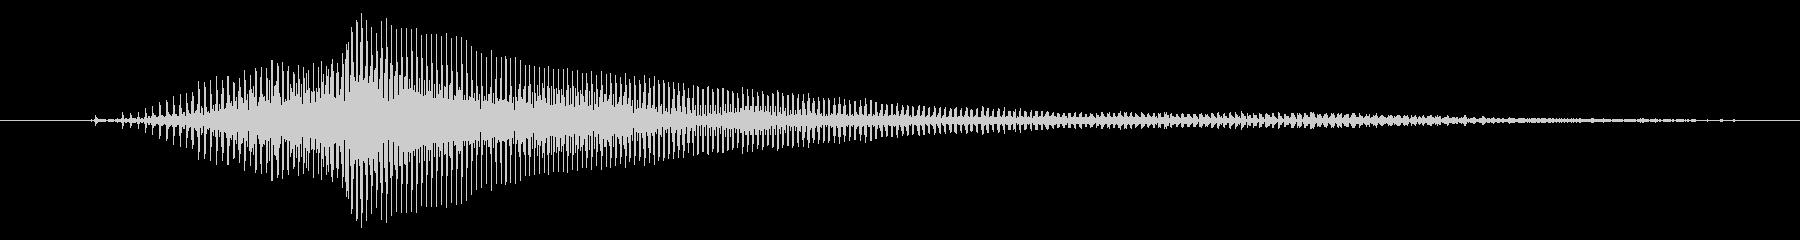 ↑いぇーい!(子供)【掛け声】の未再生の波形